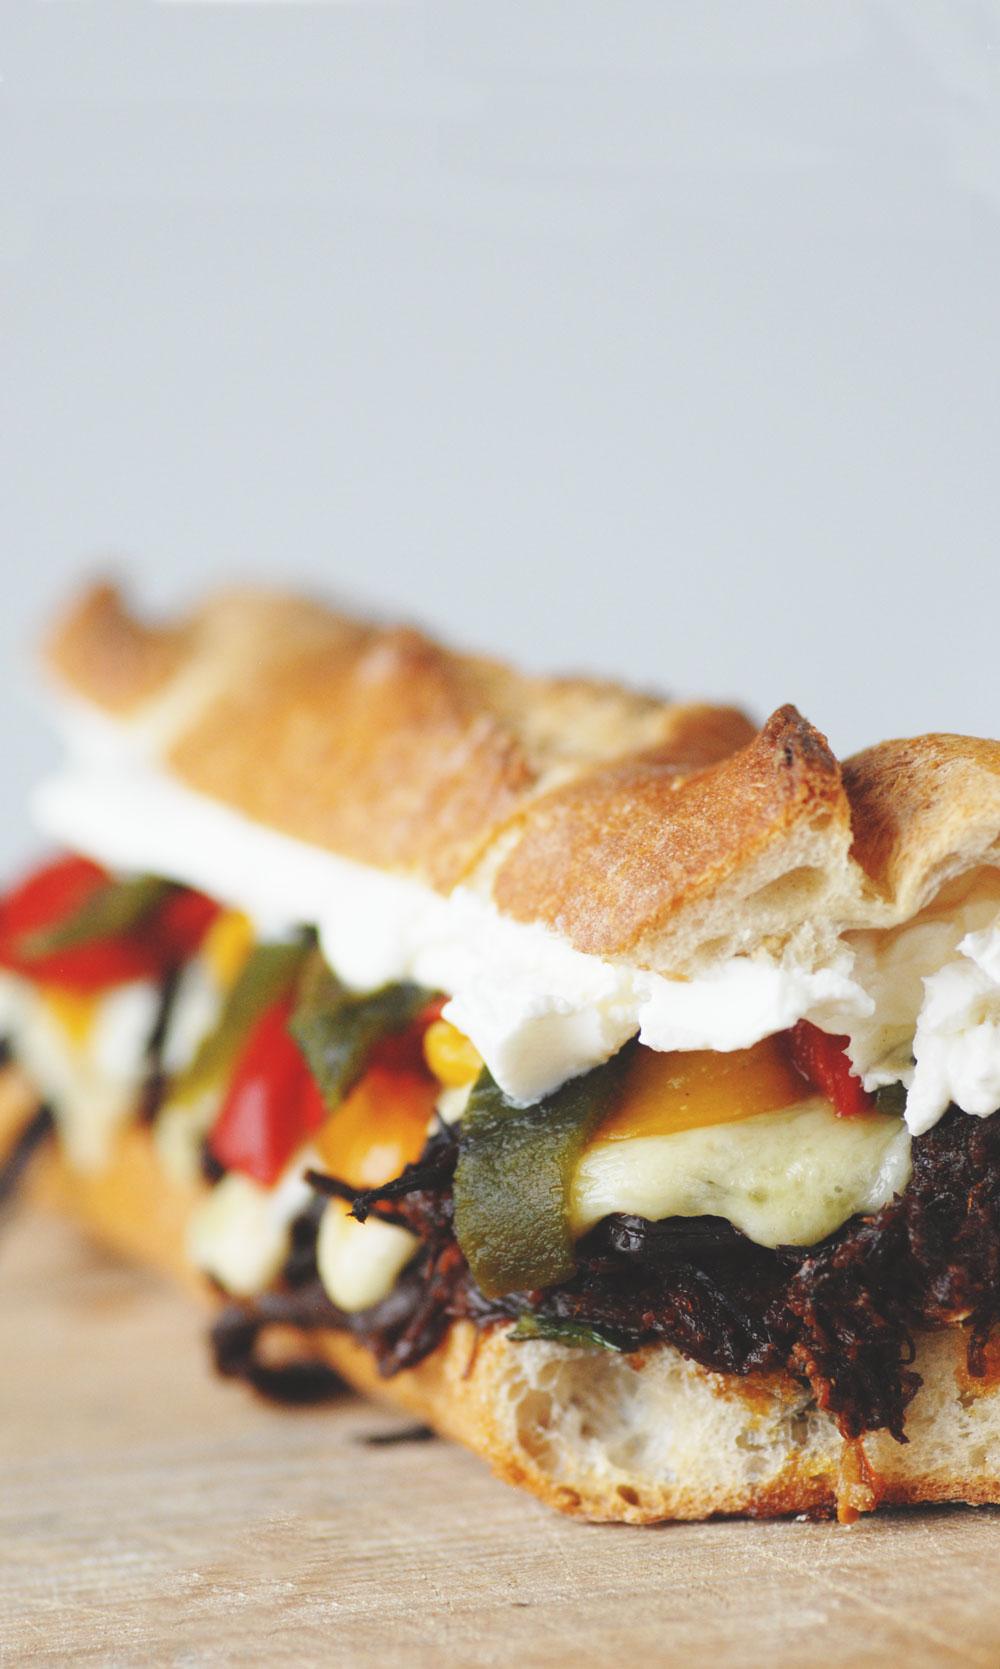 Fajita Sandwich Brisket